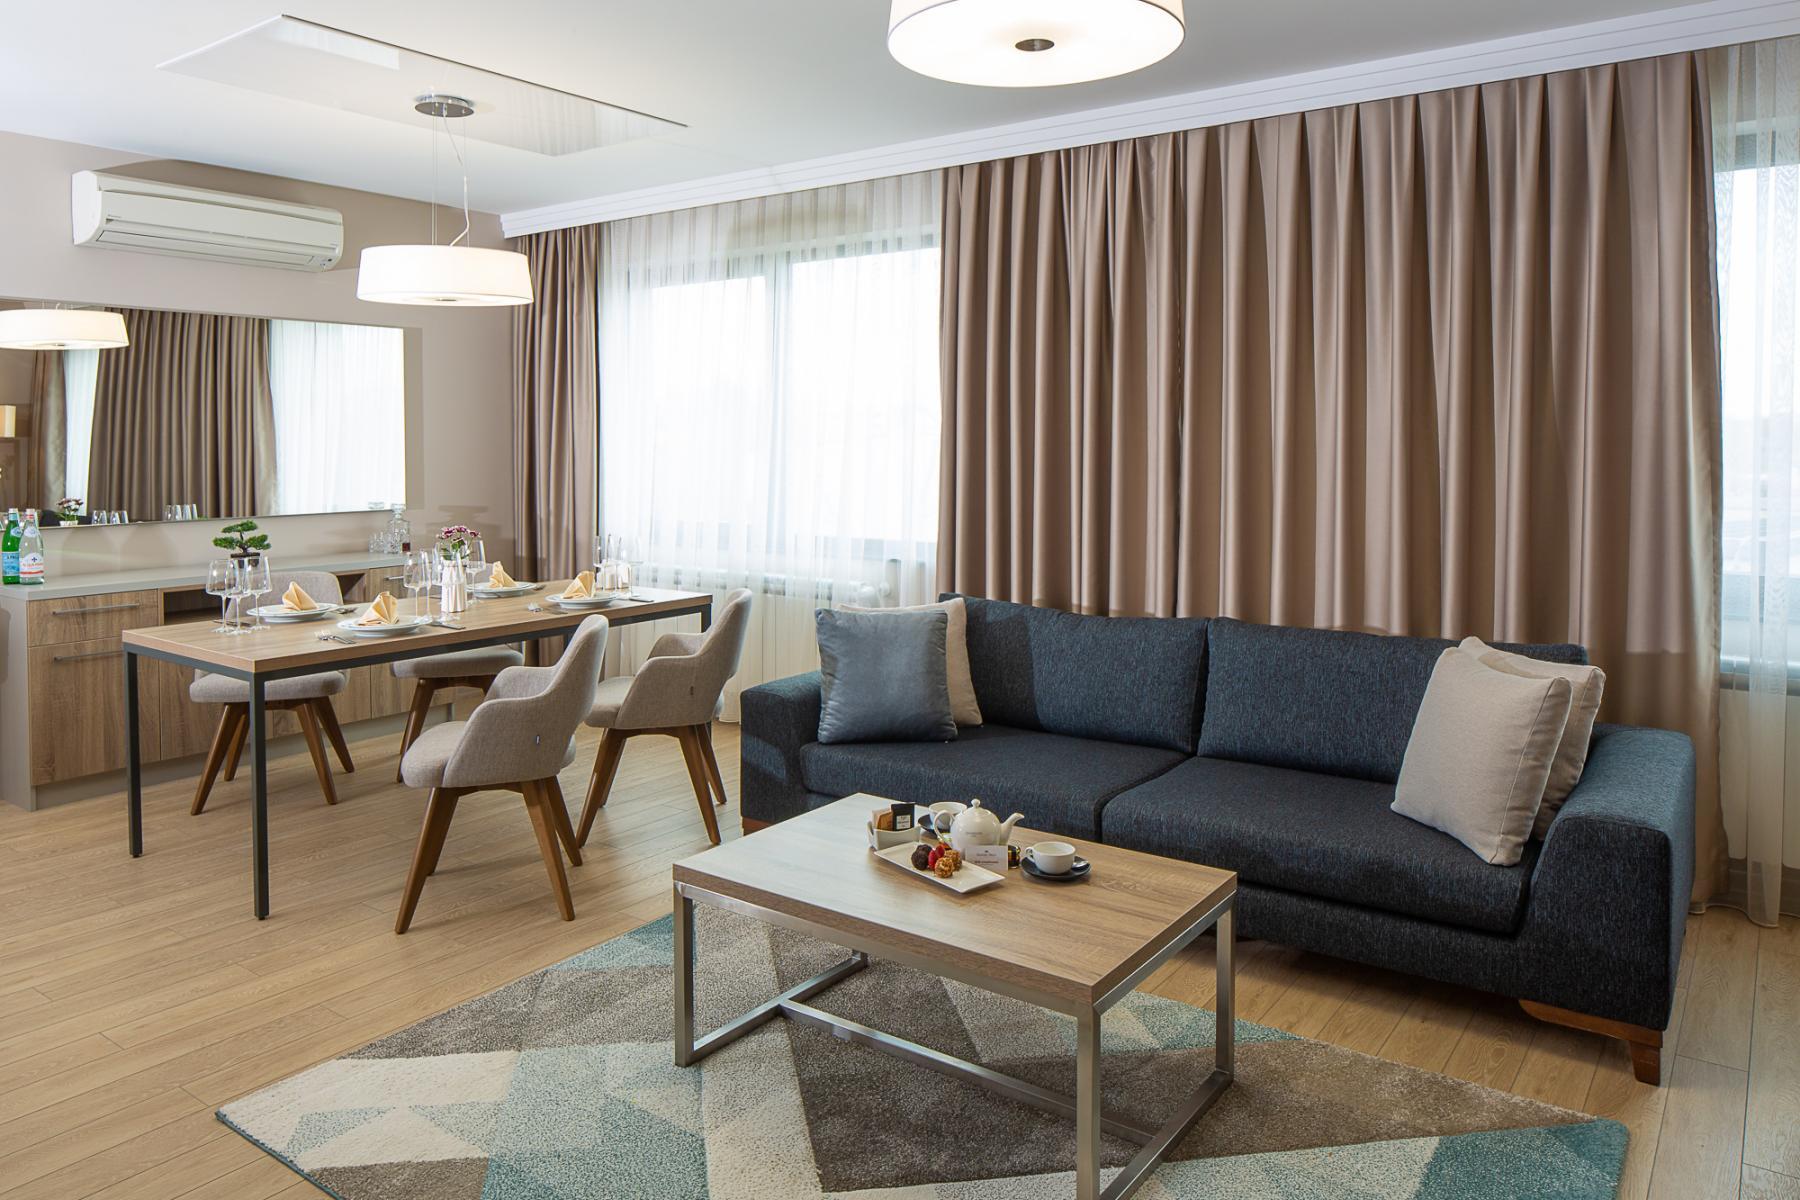 Нощувка със закуска за двама в хотел Бест Уестърн Премиер****, Пловдив, снимка 15